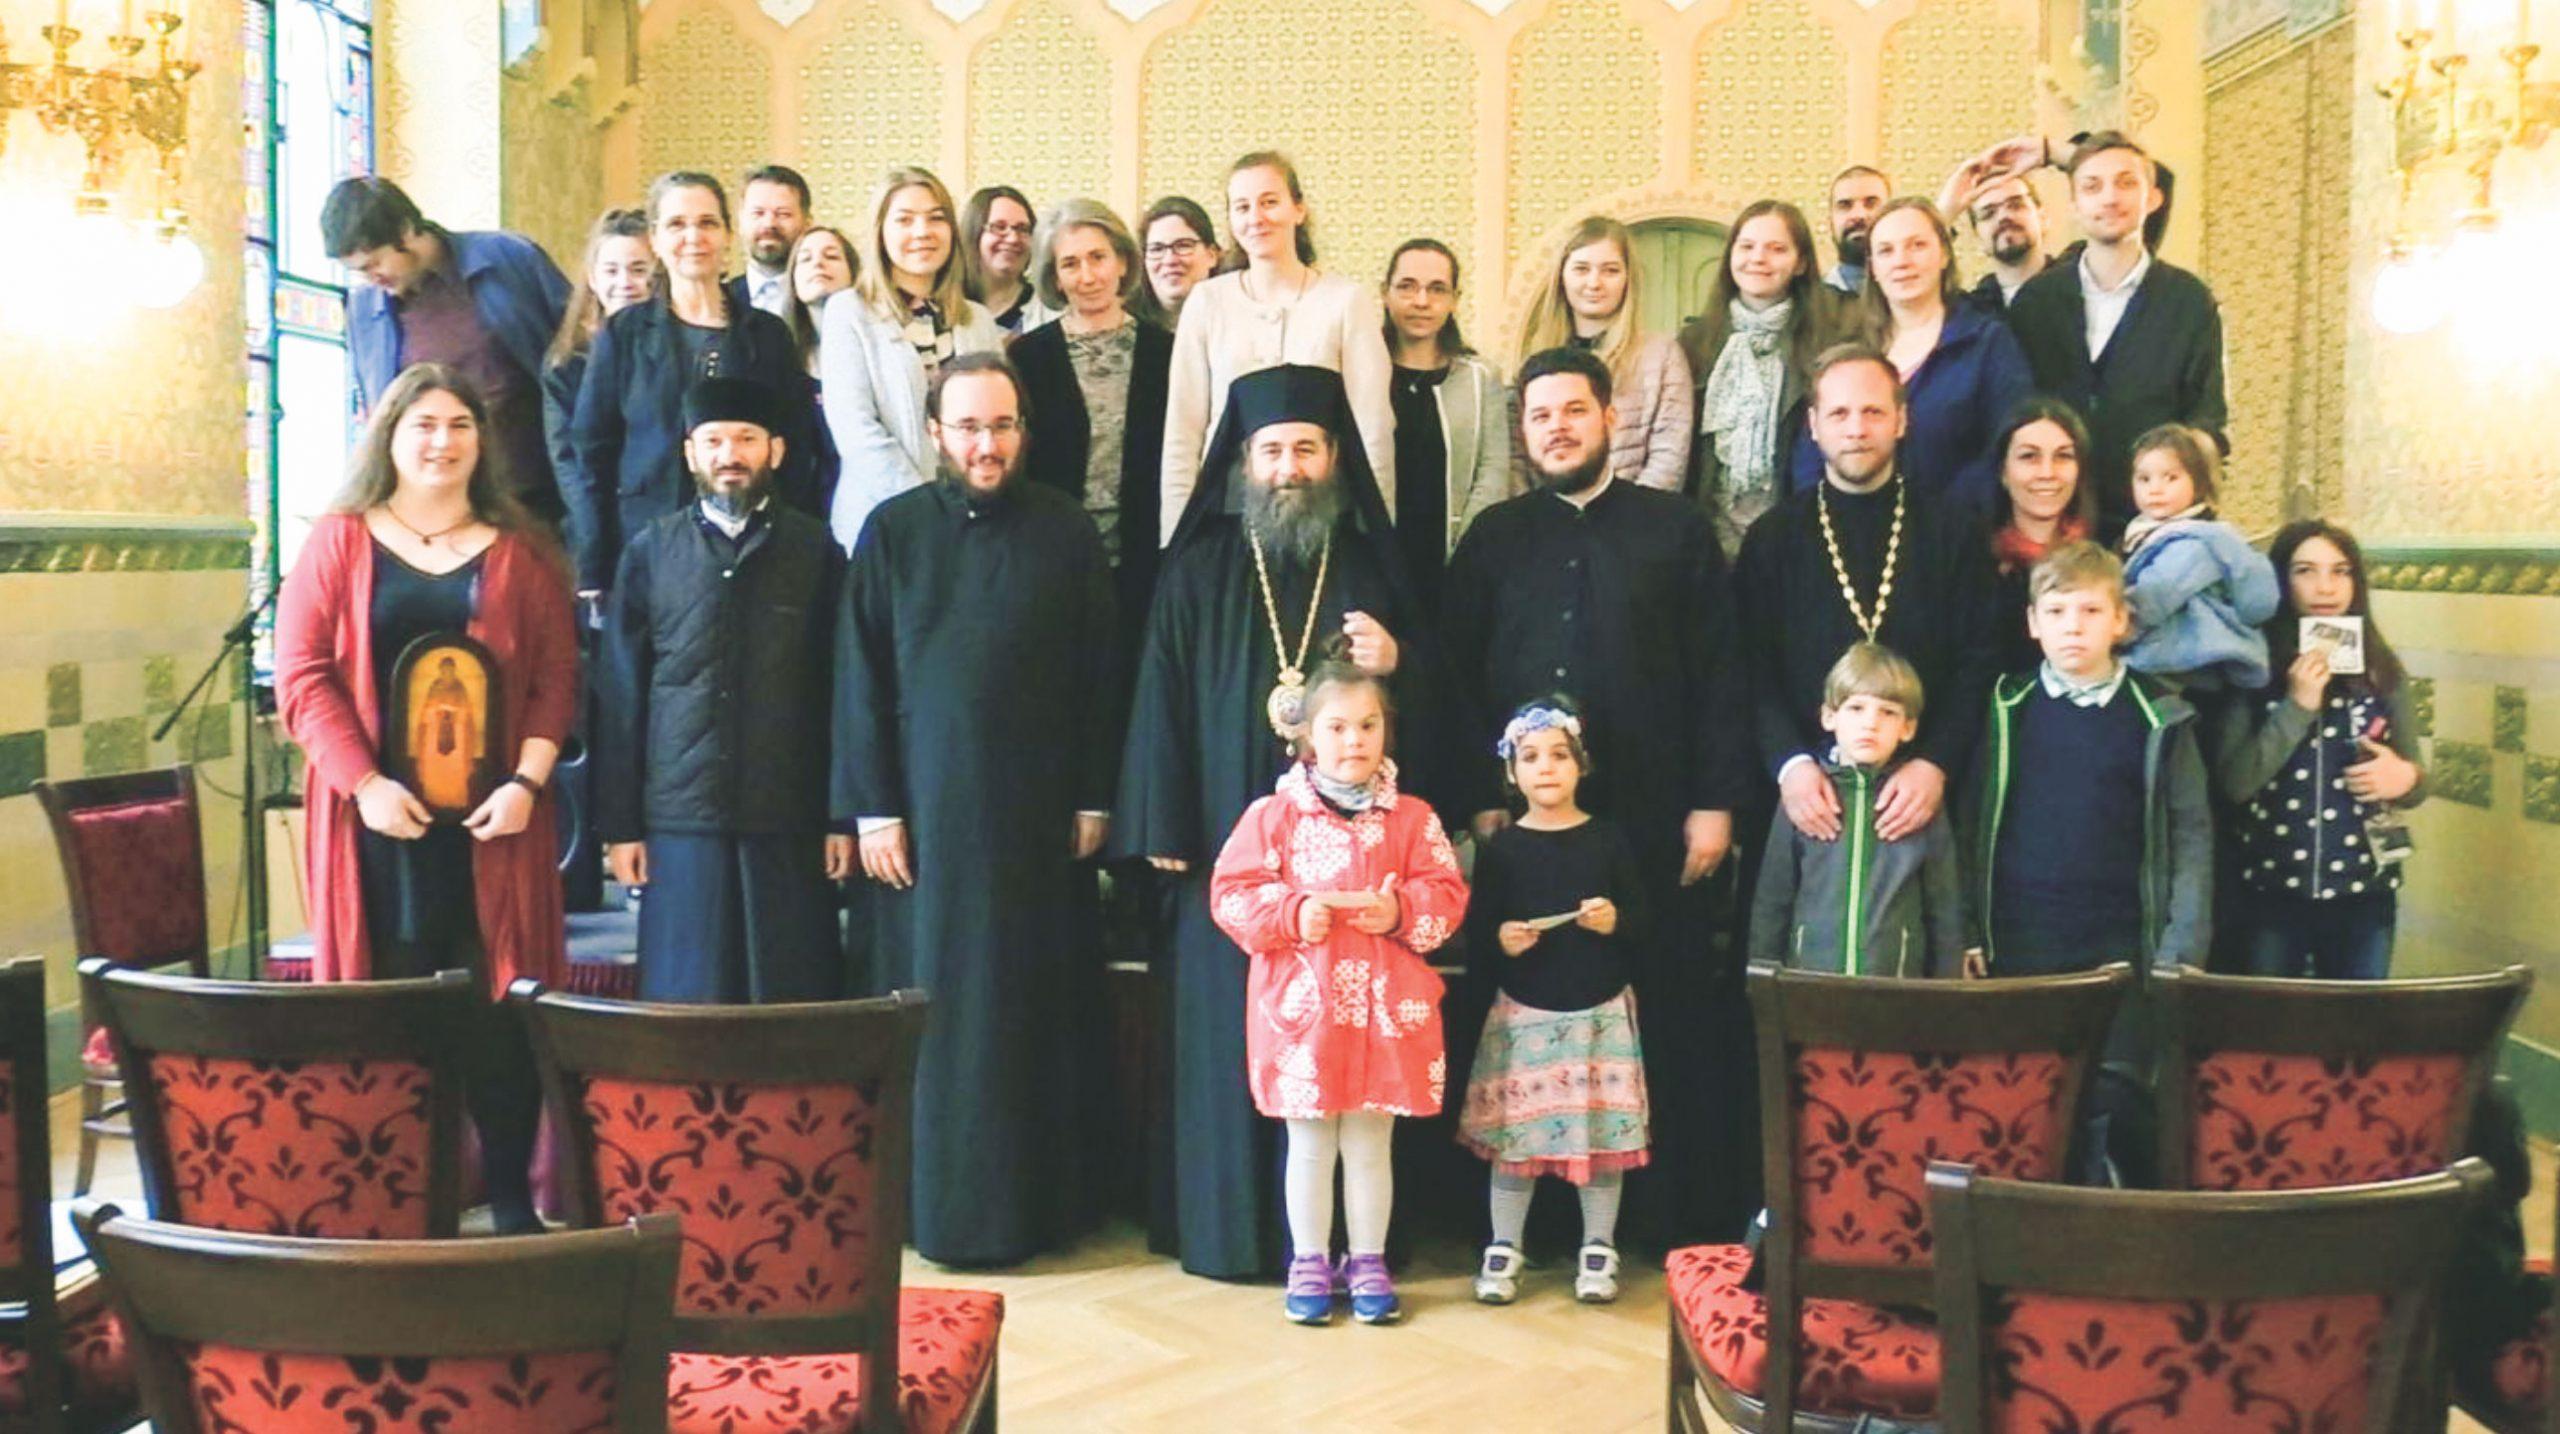 Asociația Tinerilor Ortodocși din Ungaria la ceas aniversar